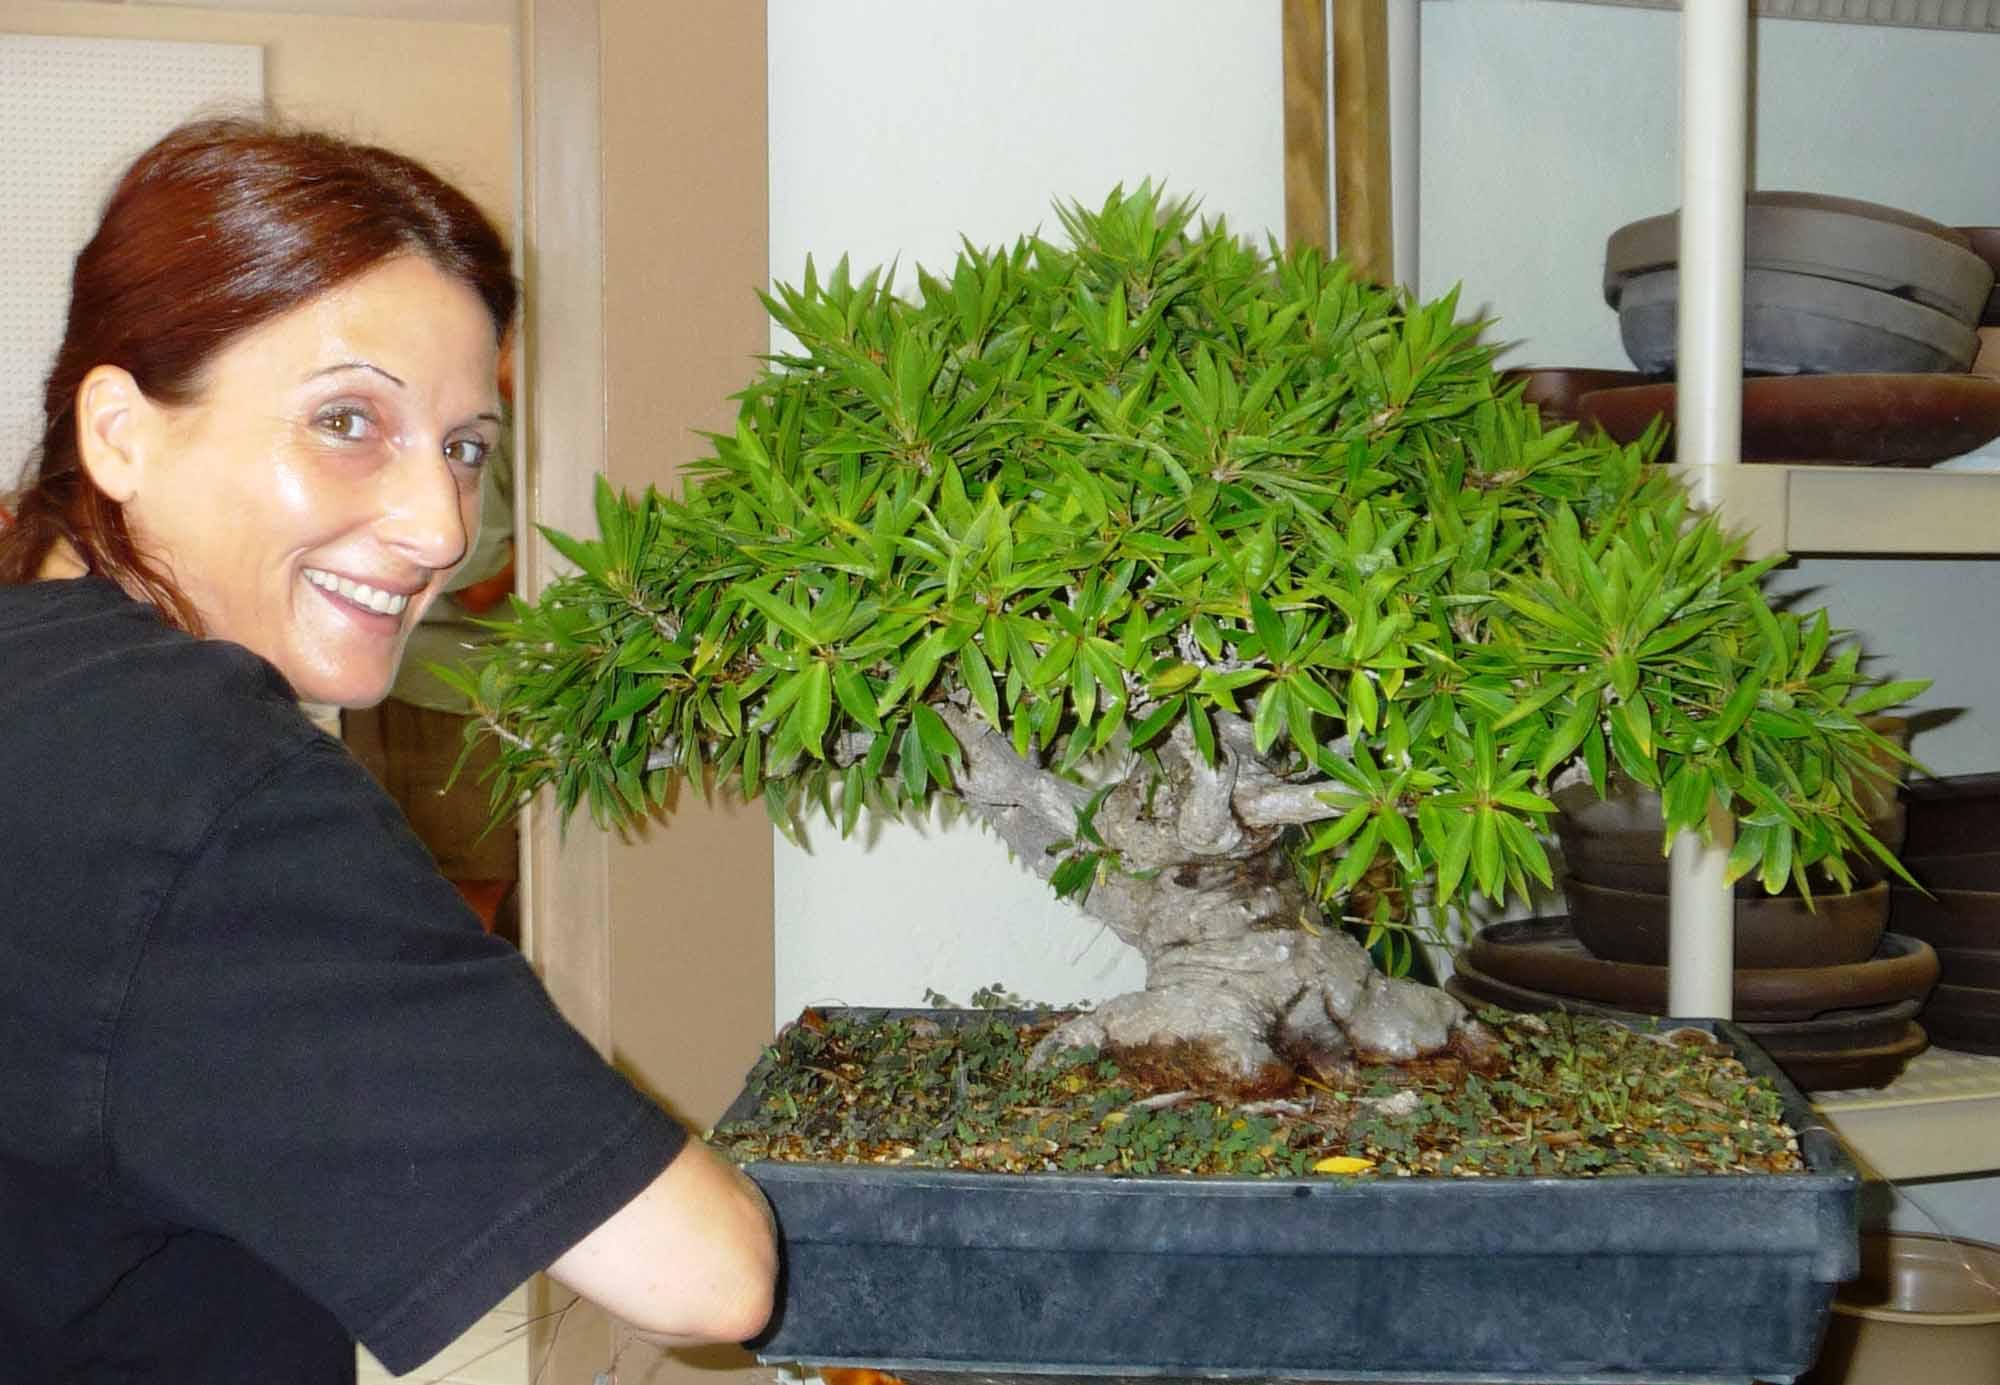 Cura del bonsai guida completa for Bonsai pianta